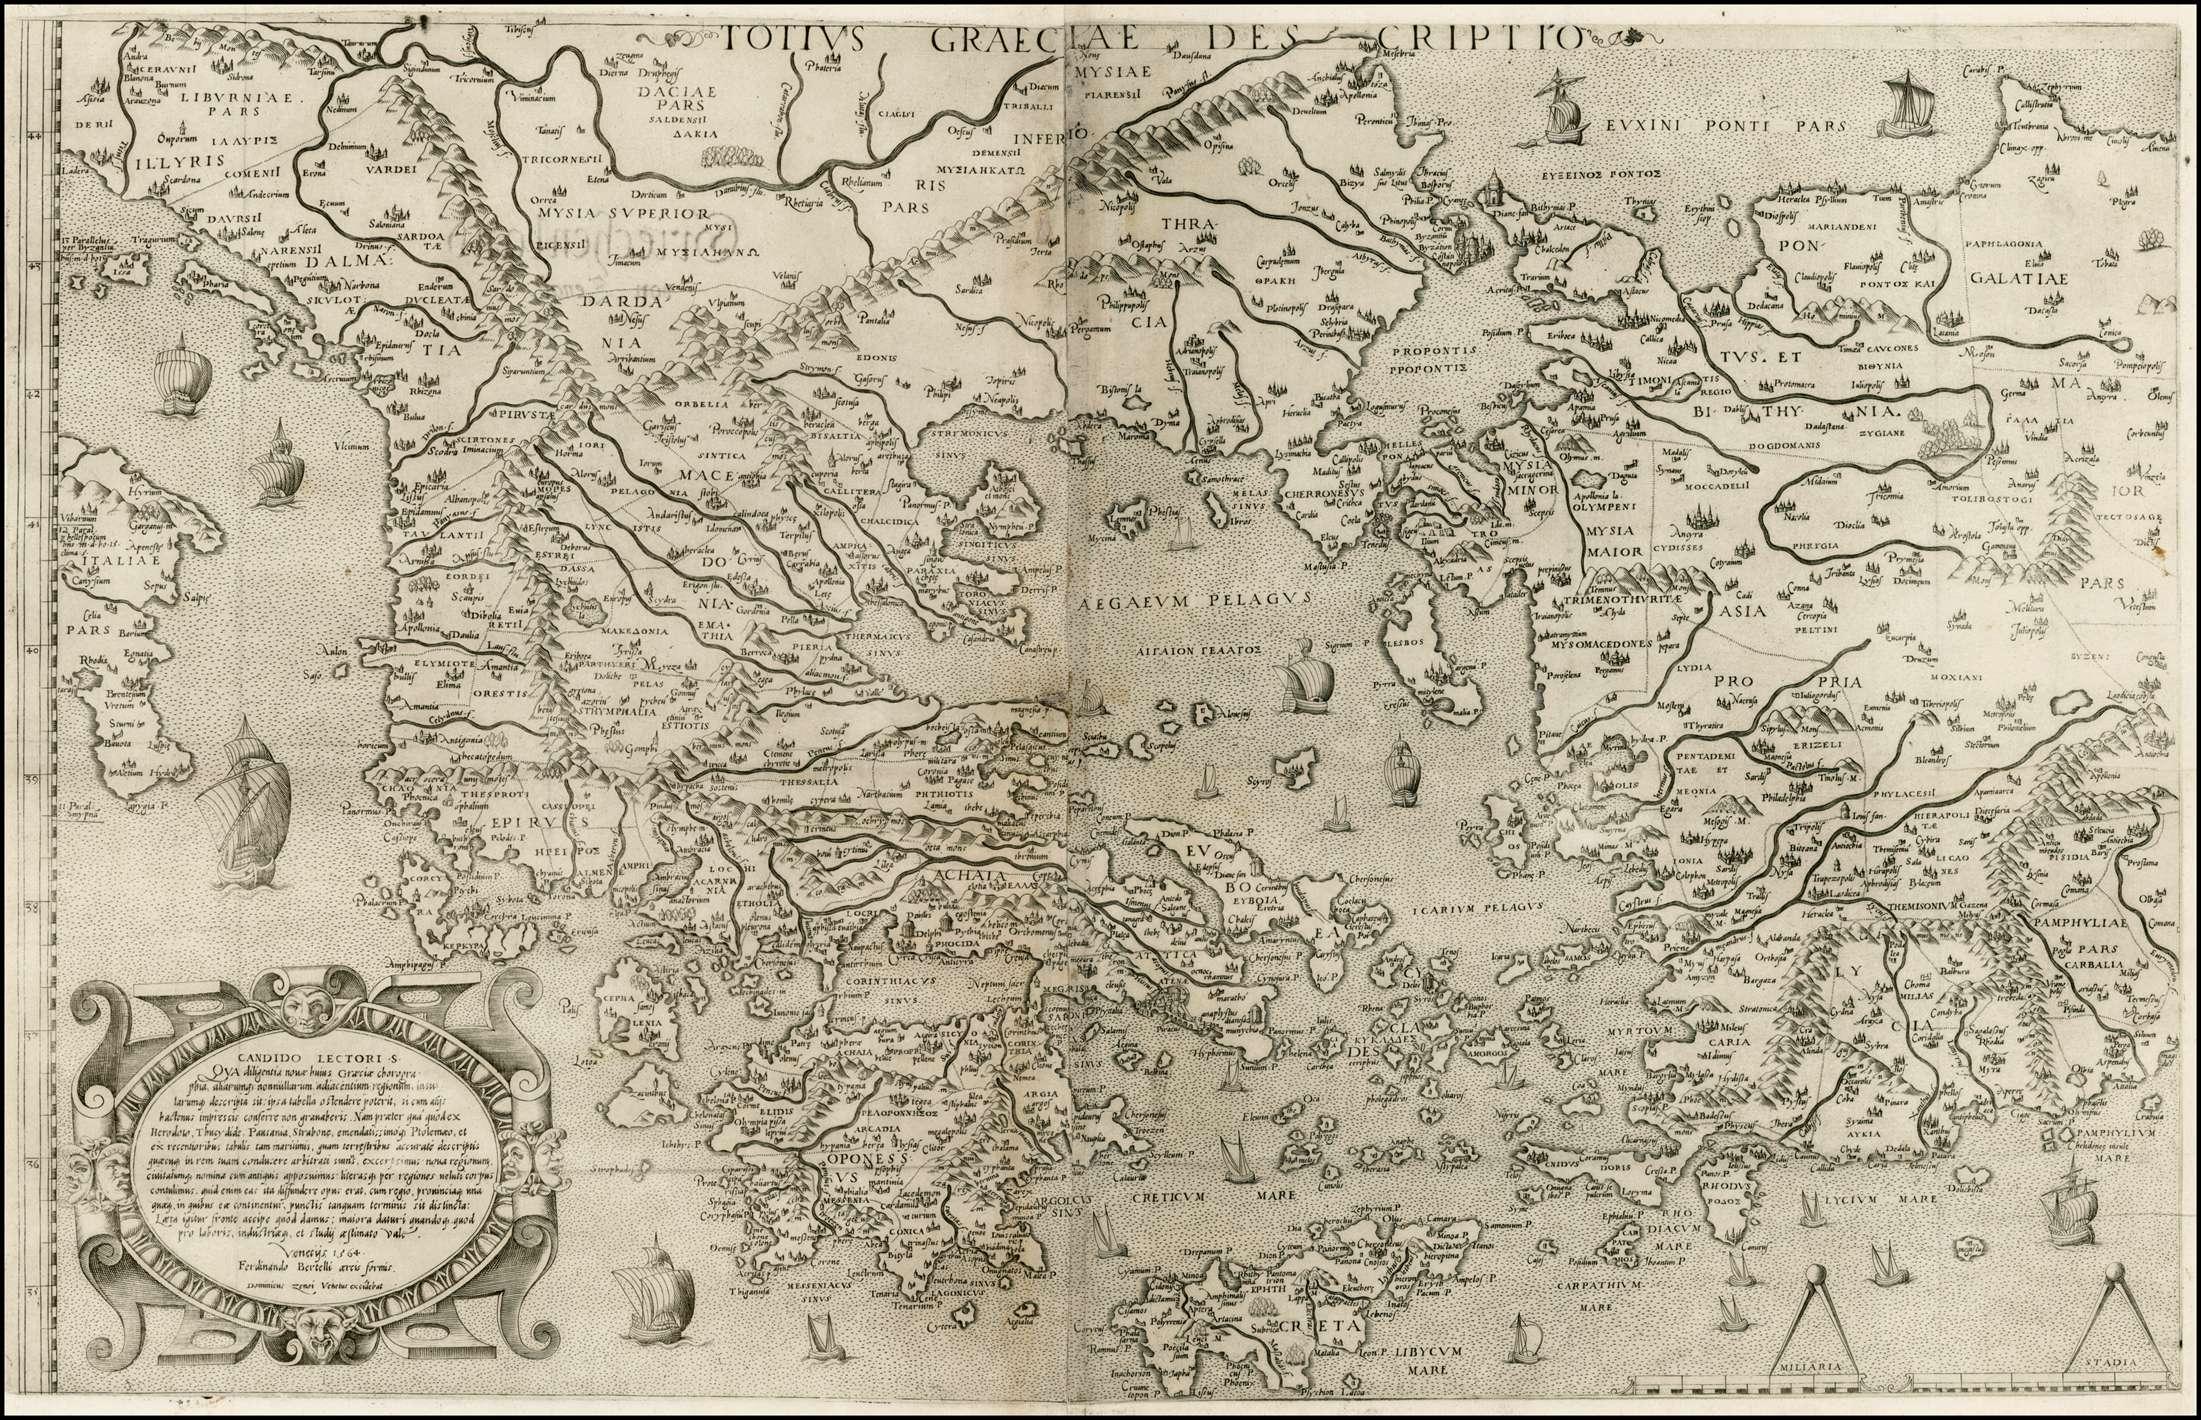 Χάρτης της Ελλάδας (Totius Graeciae Descriptio) του 16ου αιώνα από τον Νικόλαο Σοφιανό, με λατινικές και ελληνικές περιγραφές τοπονυμίων